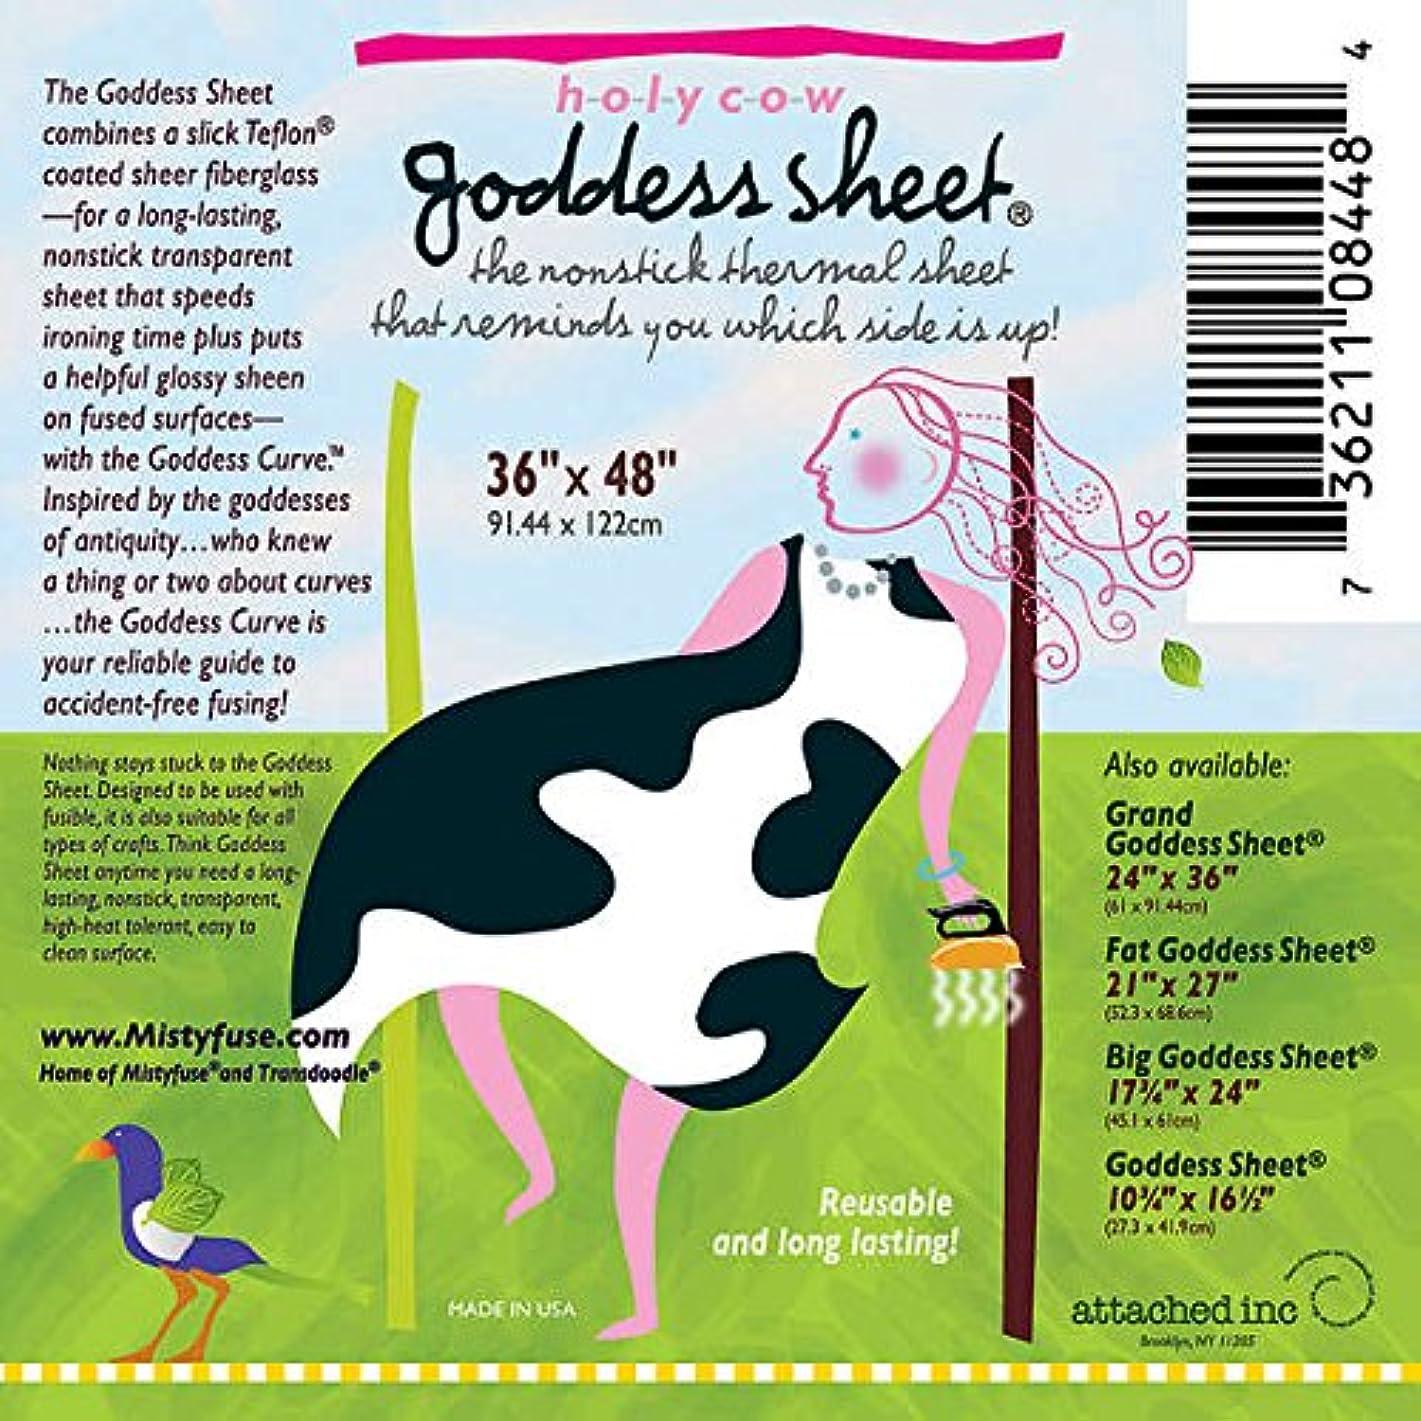 Holy Cow Goddess Applique Pressing Sheet 36